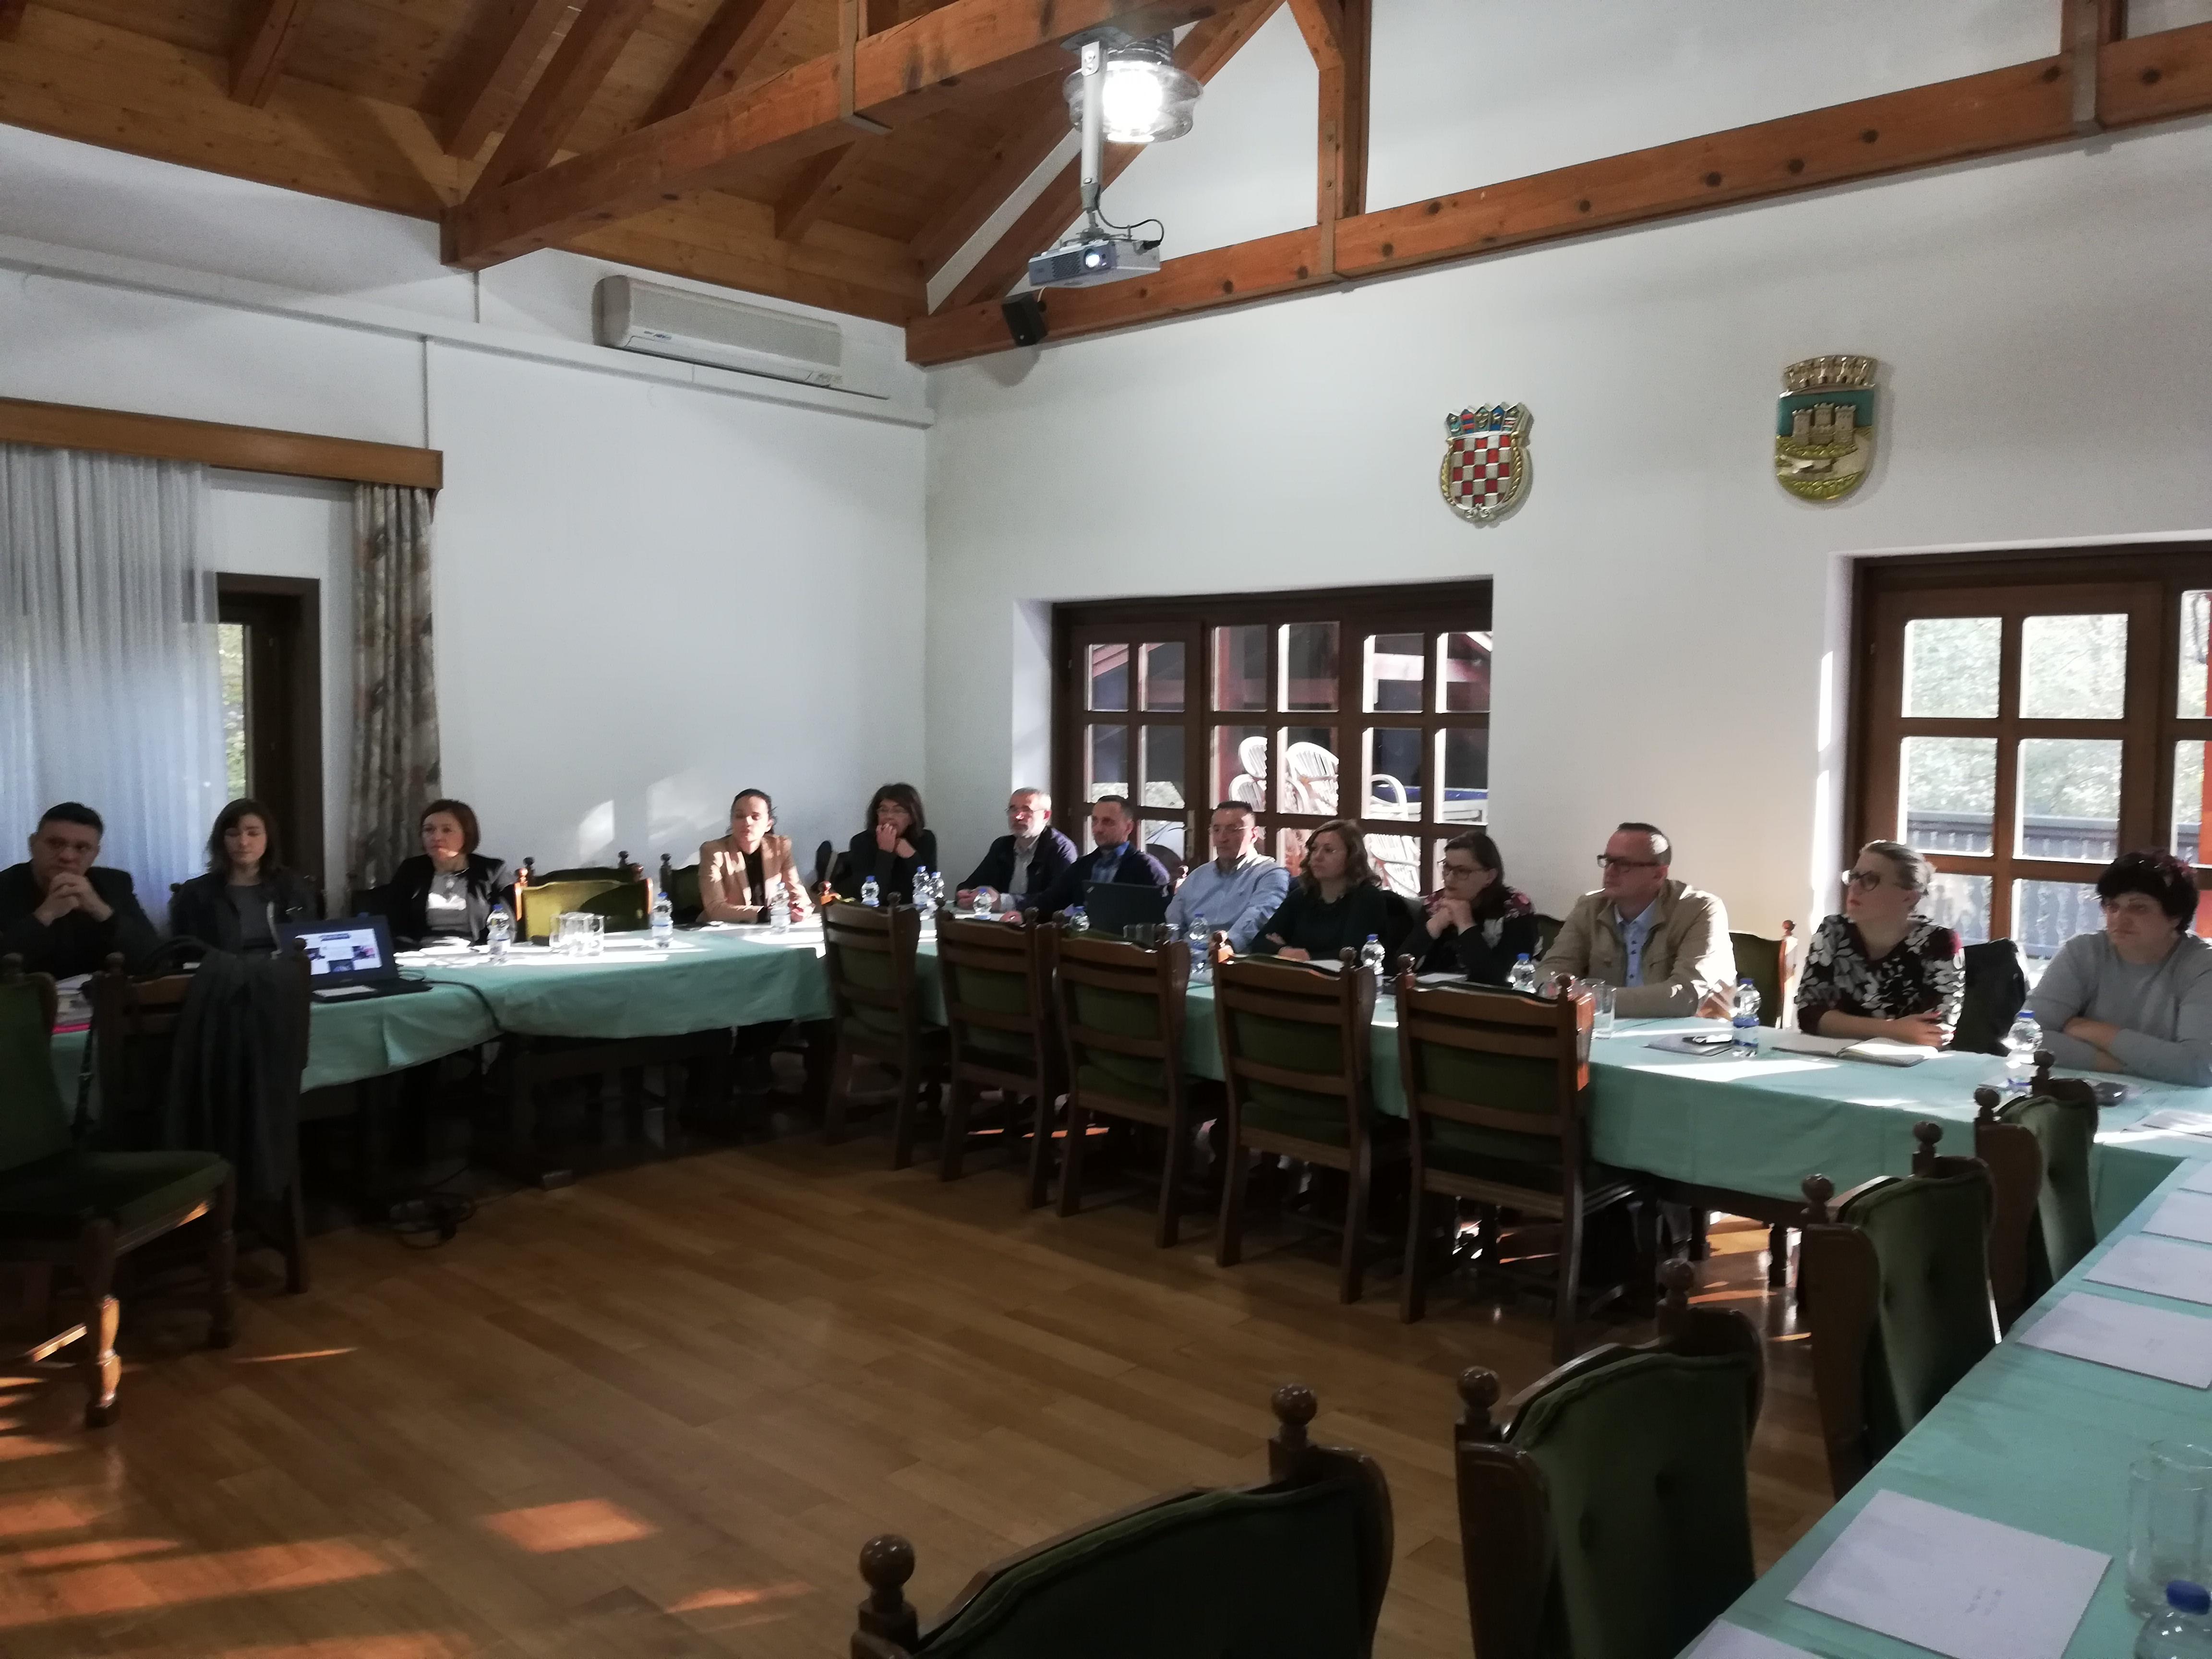 Lureti-javna-nabava-seminar-sisak.jpg